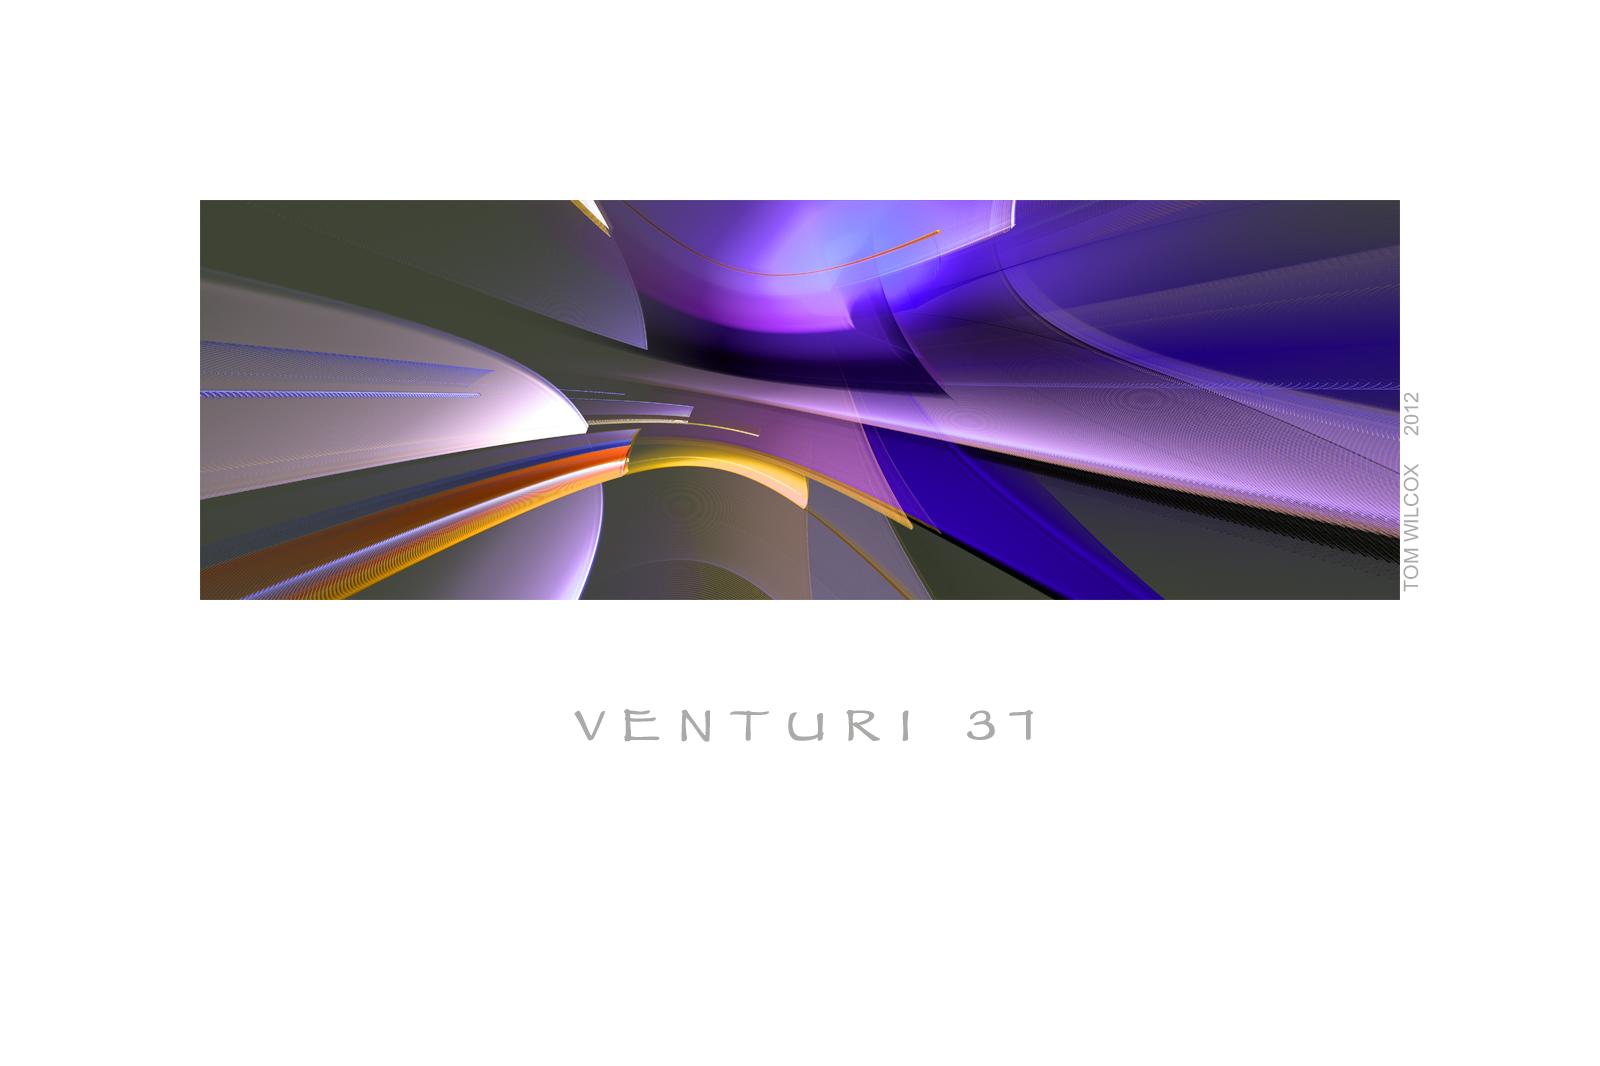 Venturi 37 by TomWilcox